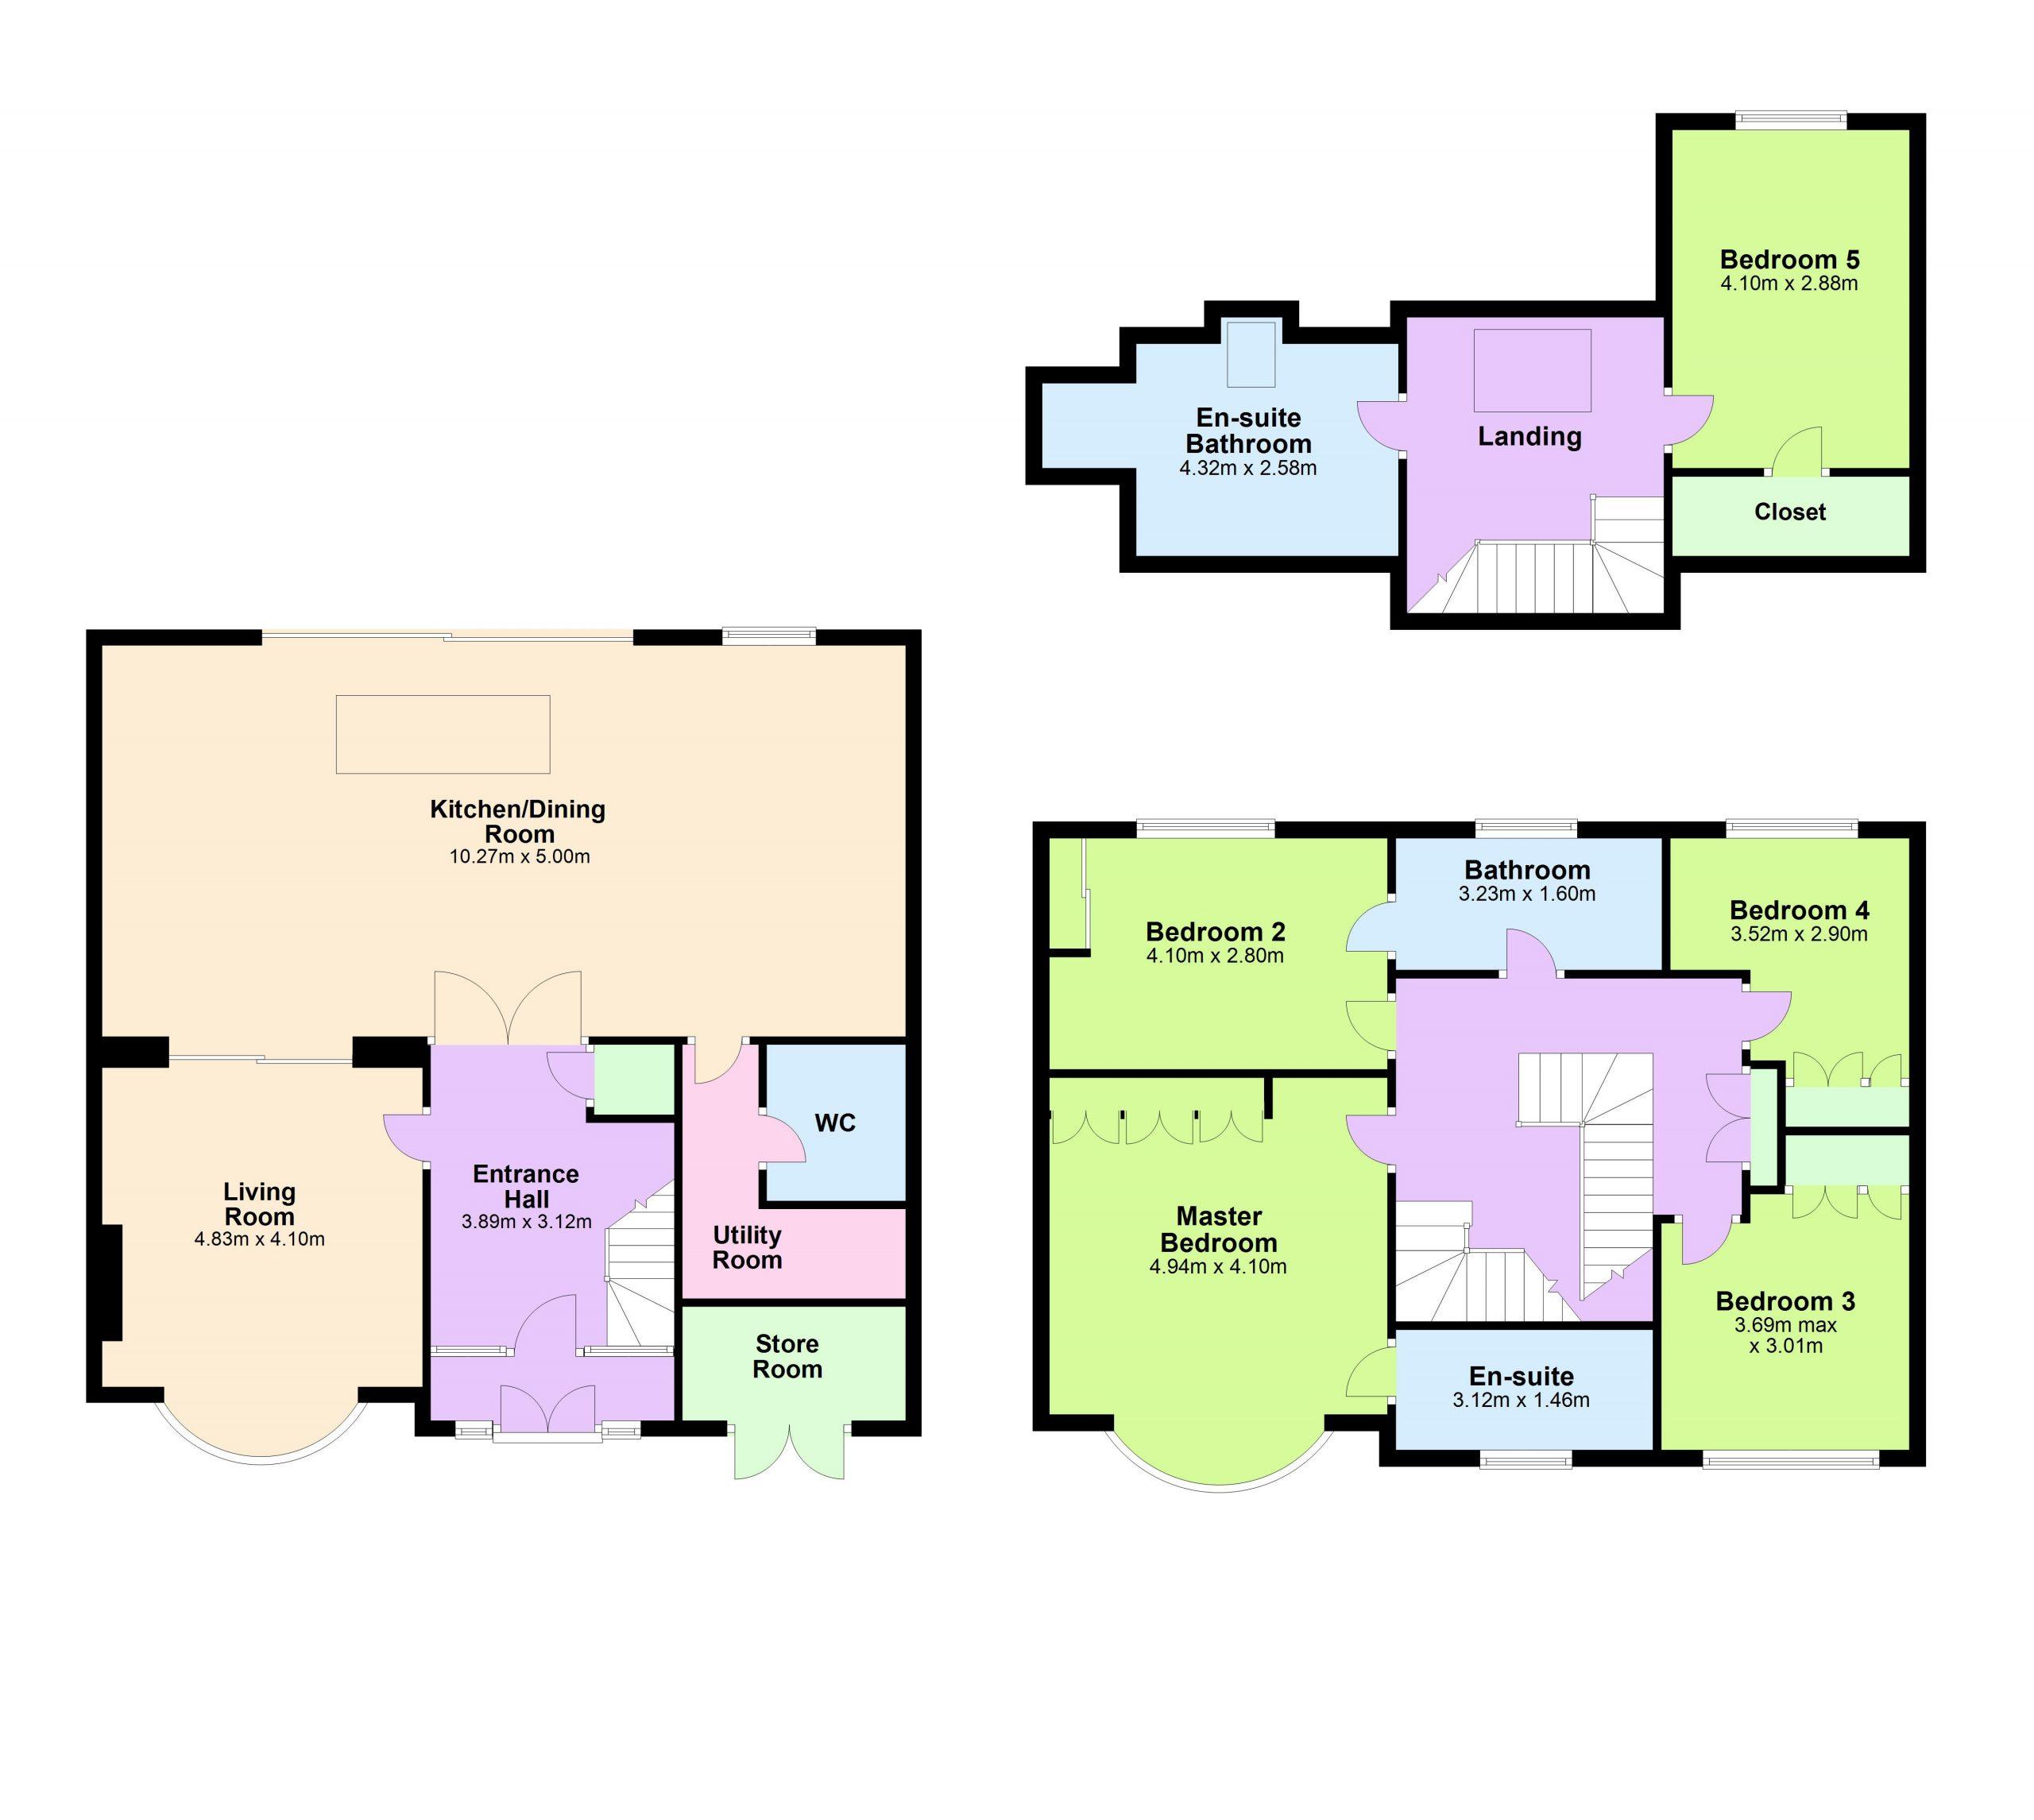 Combined floorplan